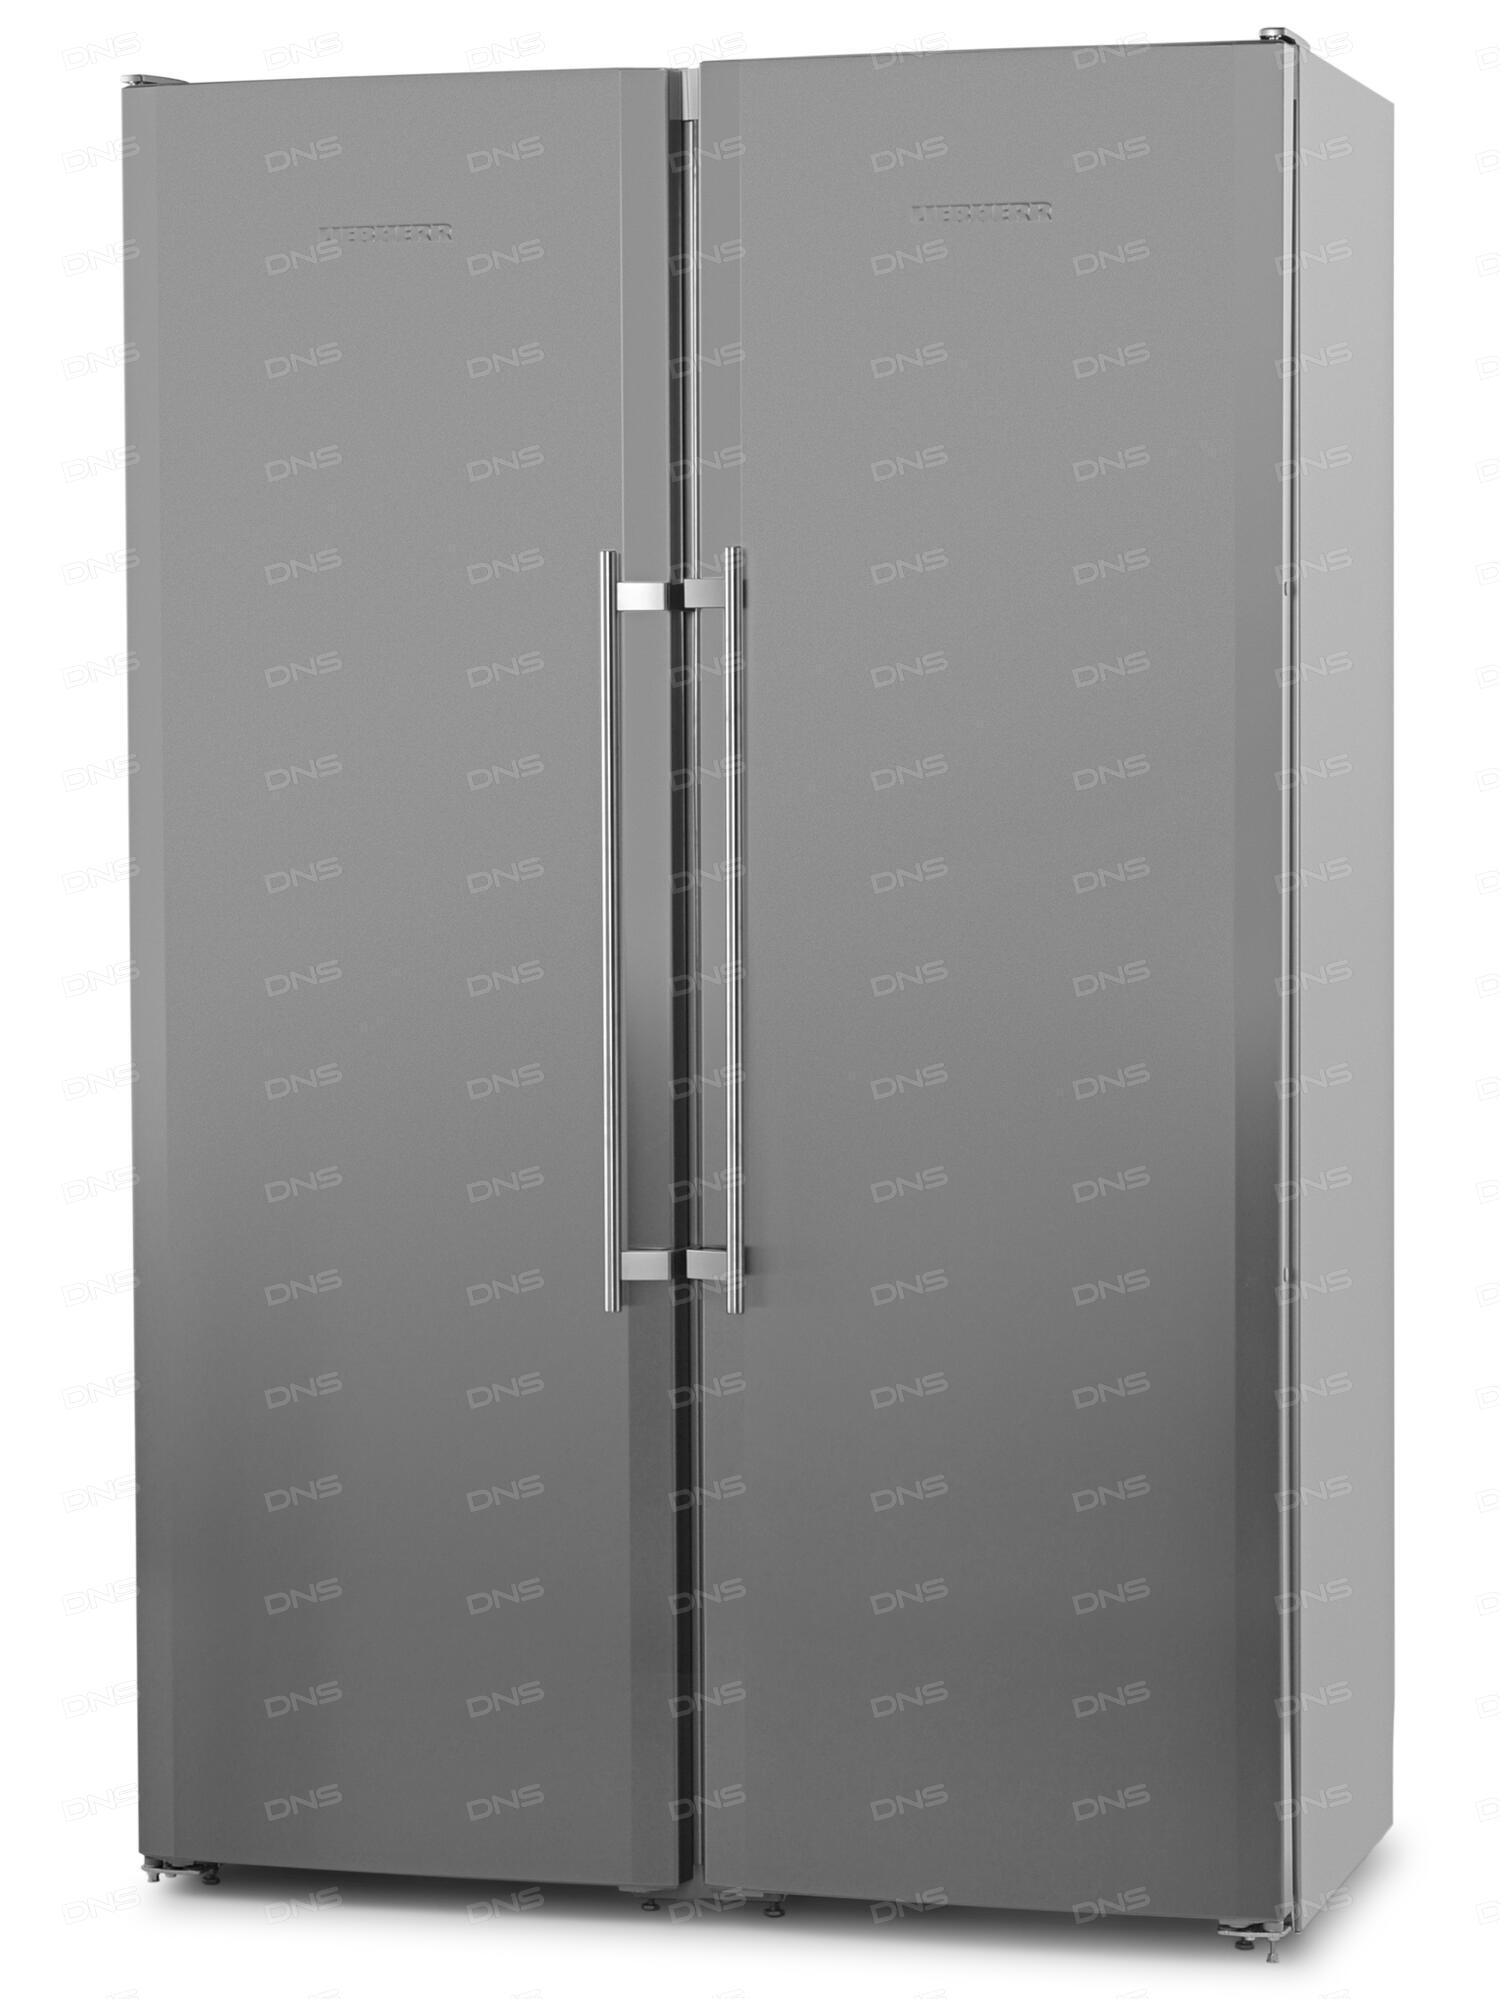 liebherr холодильник 7212 купить